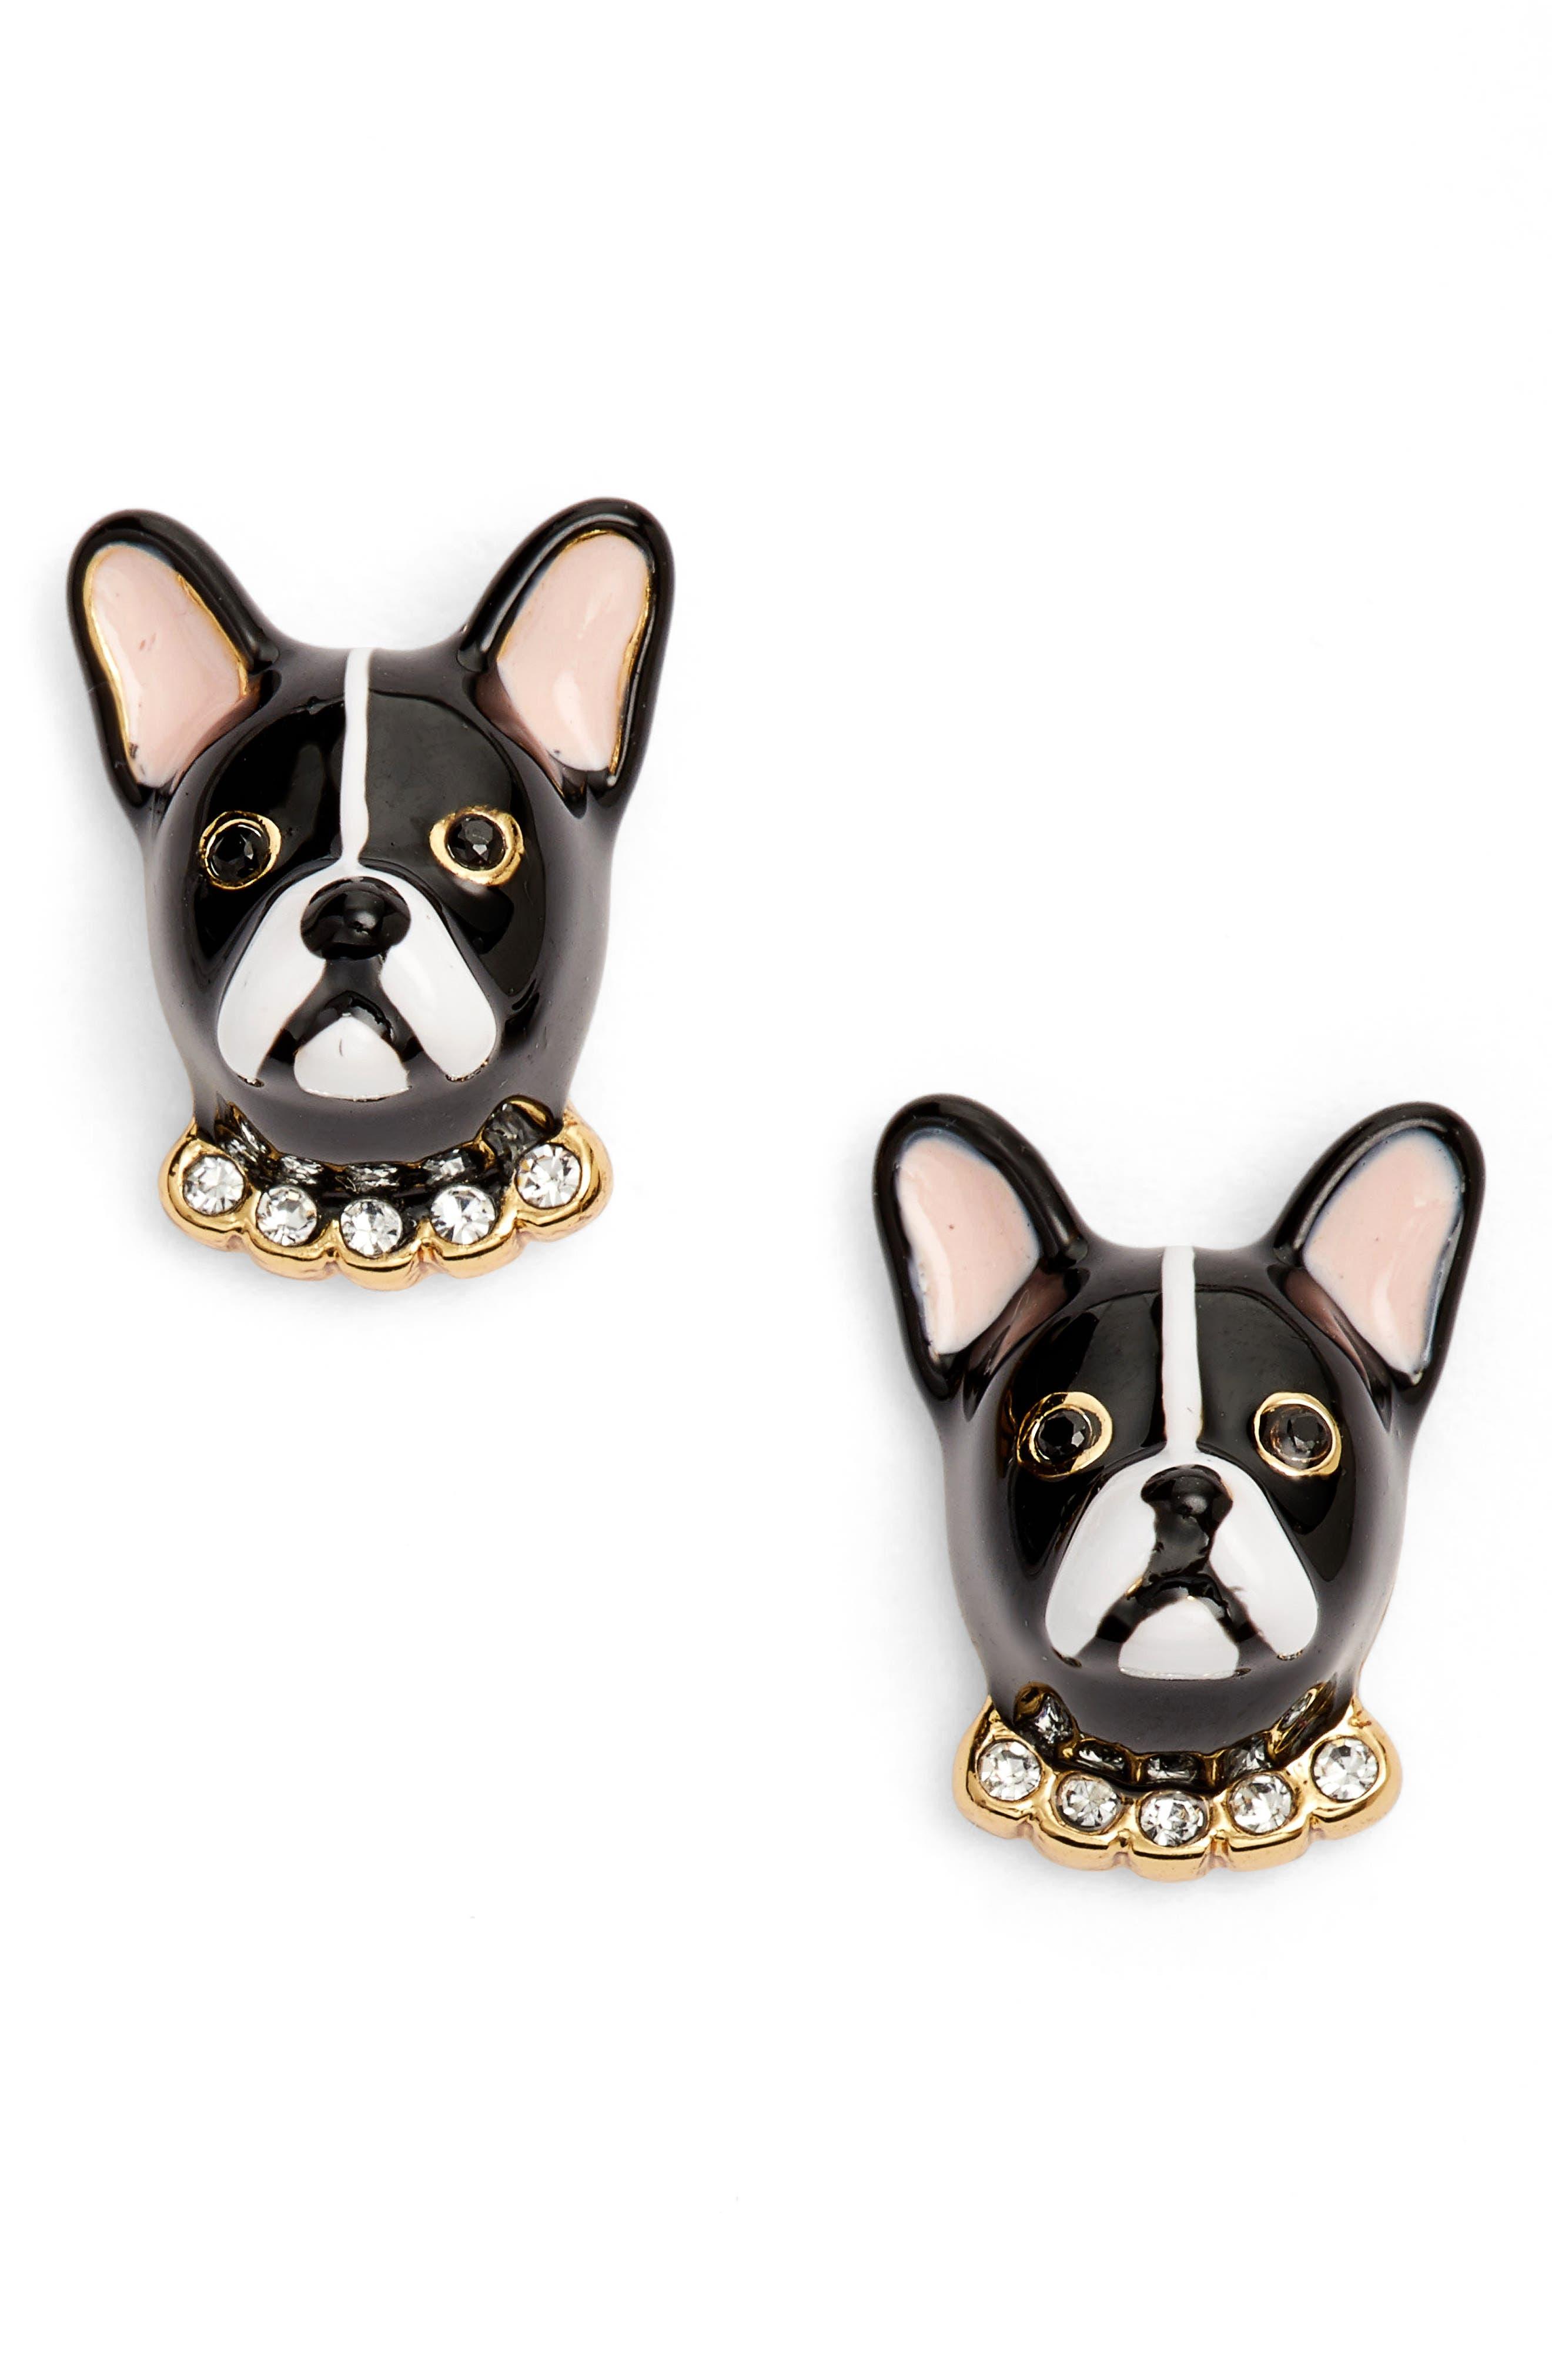 KATE SPADE NEW YORK ma cherie antoine dog stud earrings